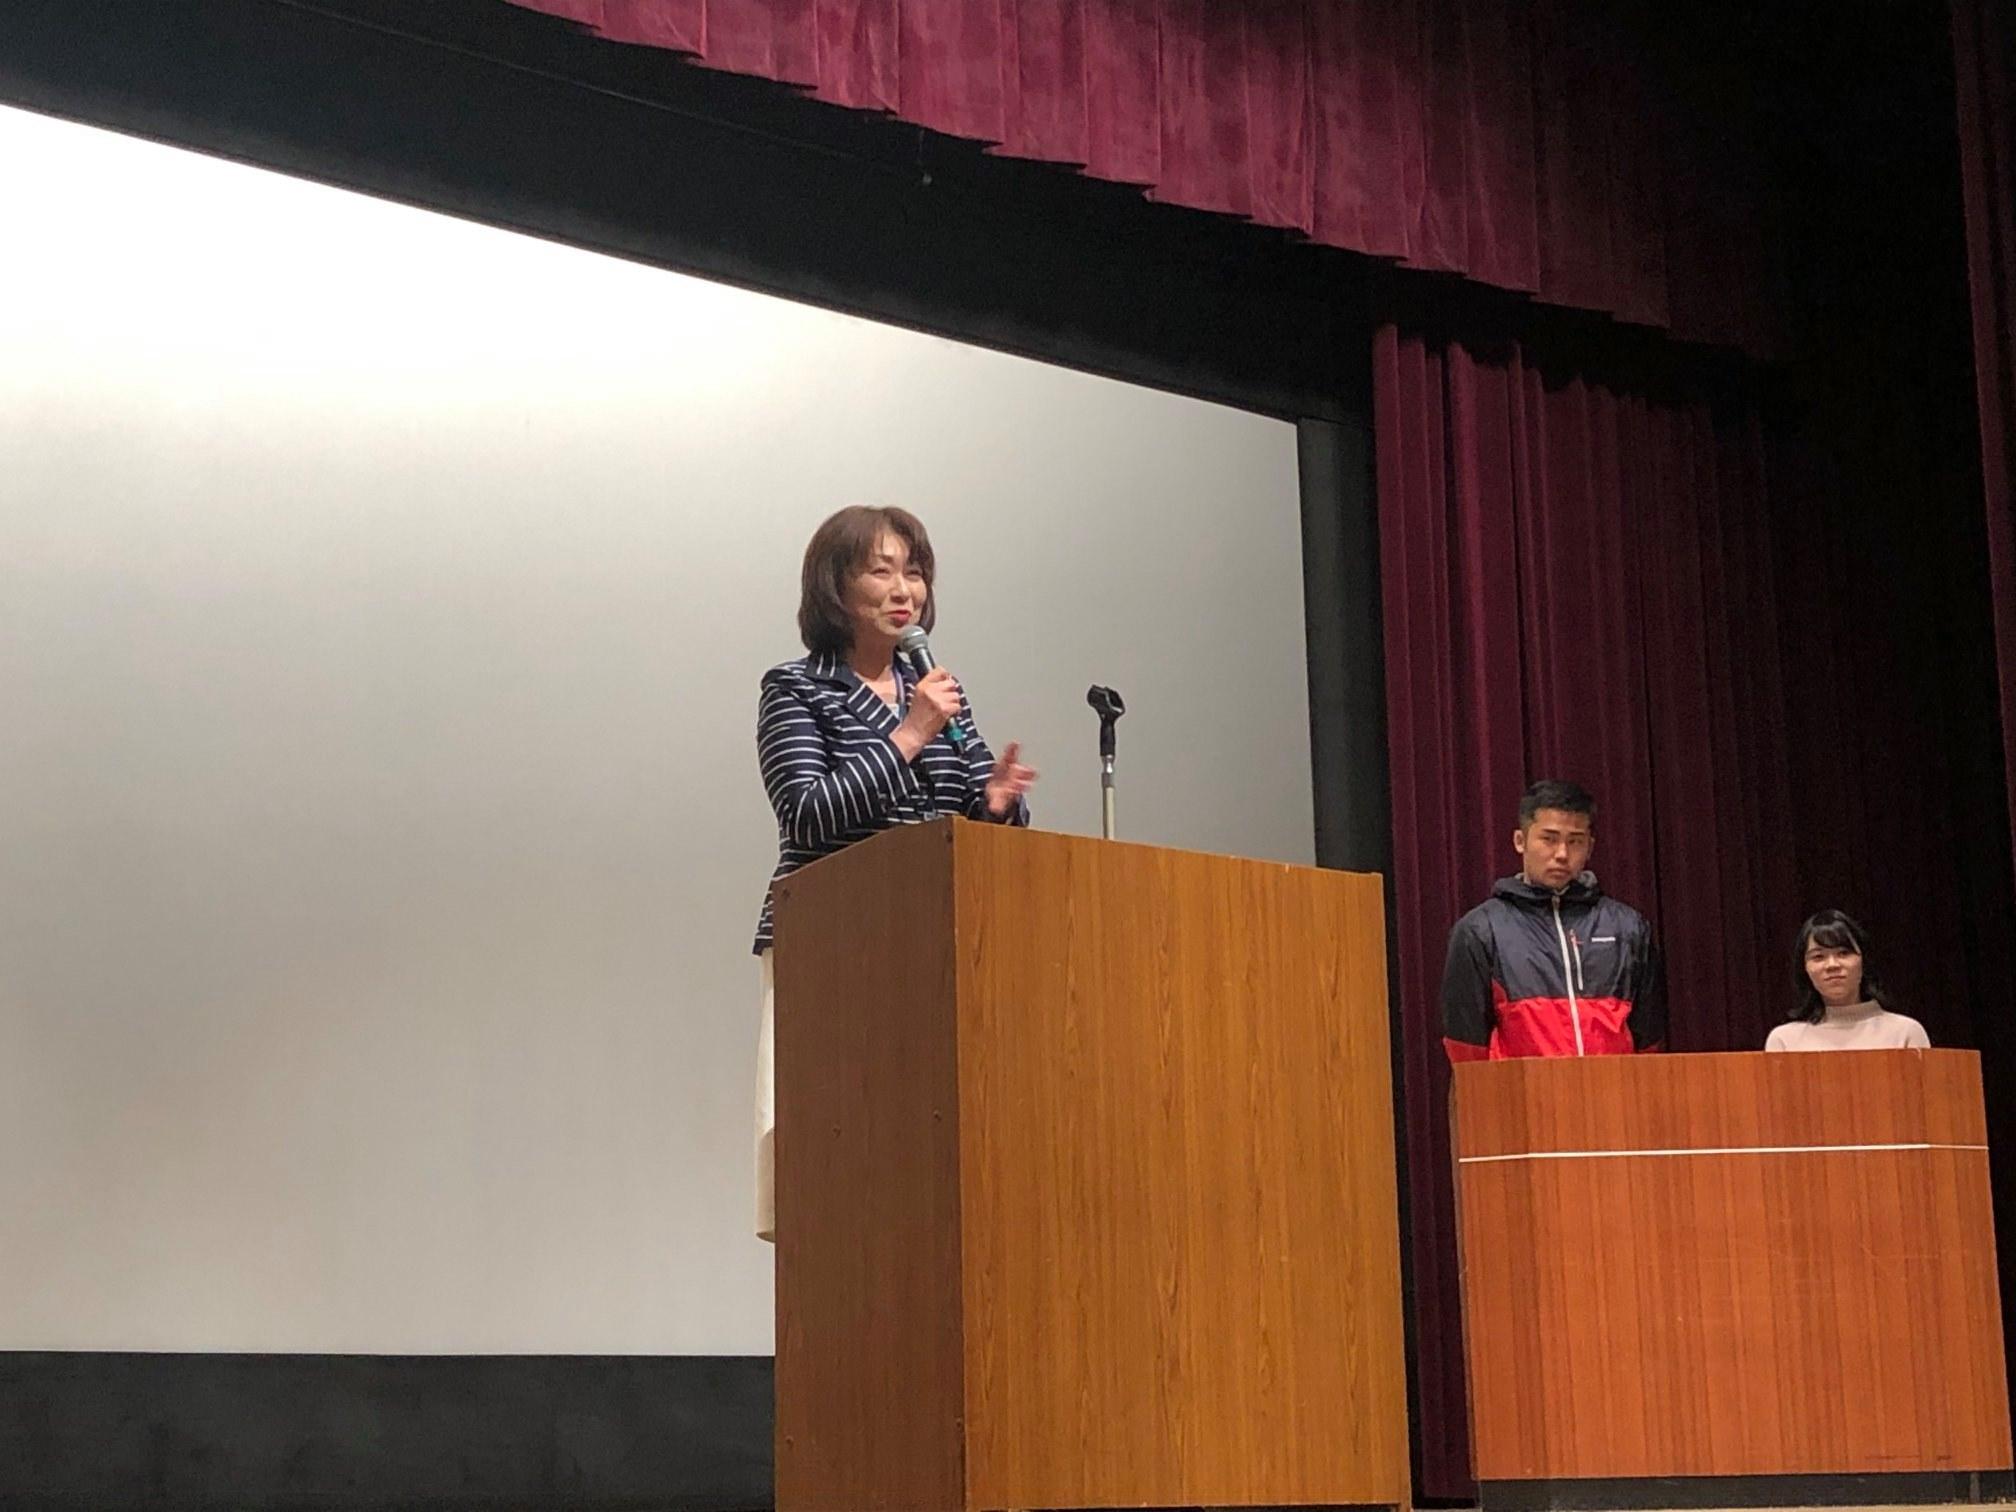 「土浦まちづくりプラン」の発表会に出席しました。page-visual 「土浦まちづくりプラン」の発表会に出席しました。ビジュアル